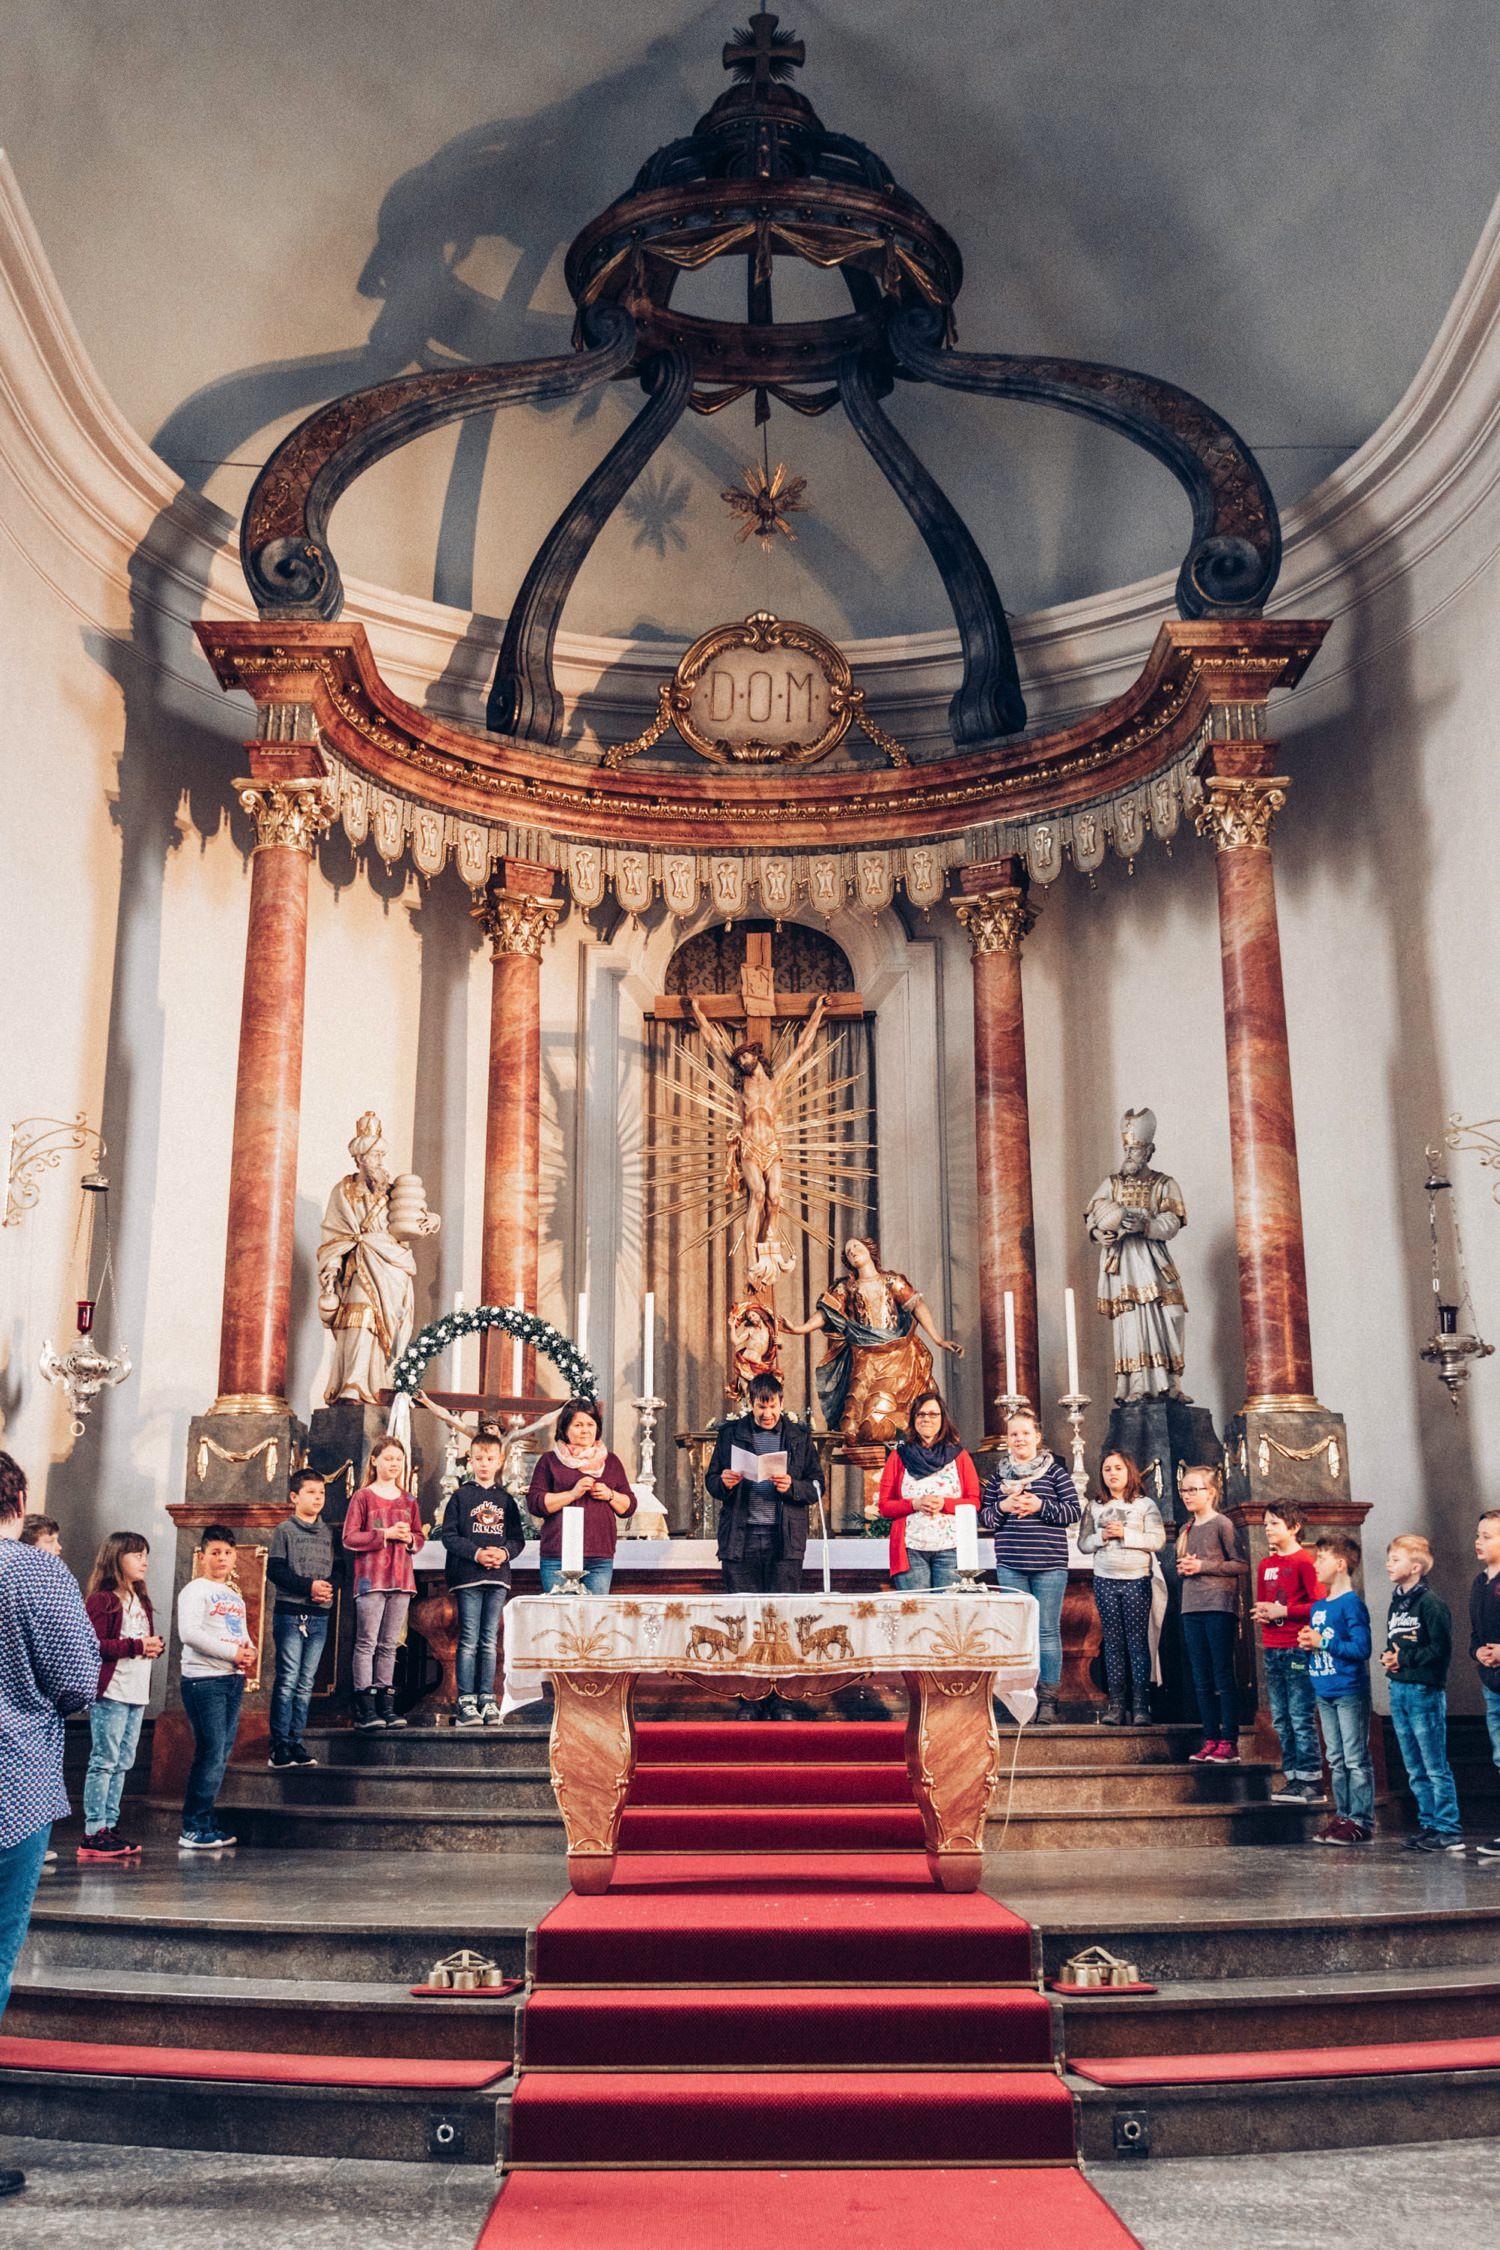 38_20180405_38_Kommunion_kirche_Gernsheim_katholische_kommunion_Fotograf